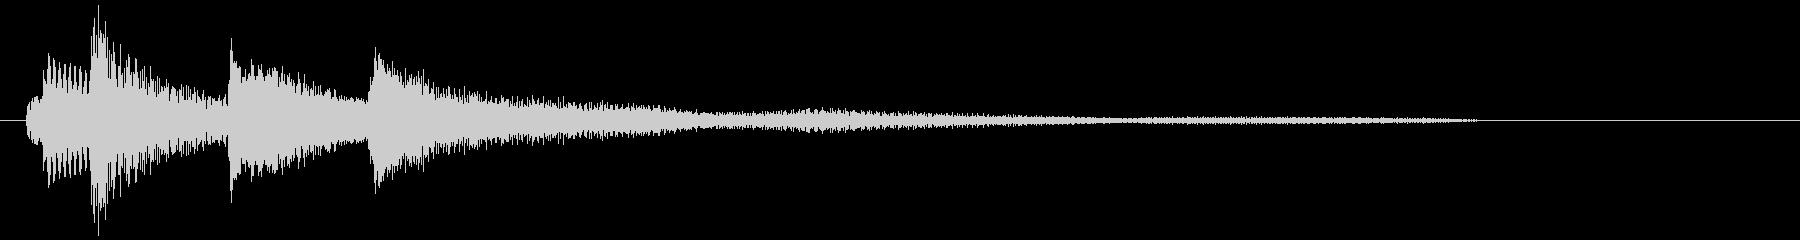 ピアノだけのシンプルで綺麗なジングル2の未再生の波形